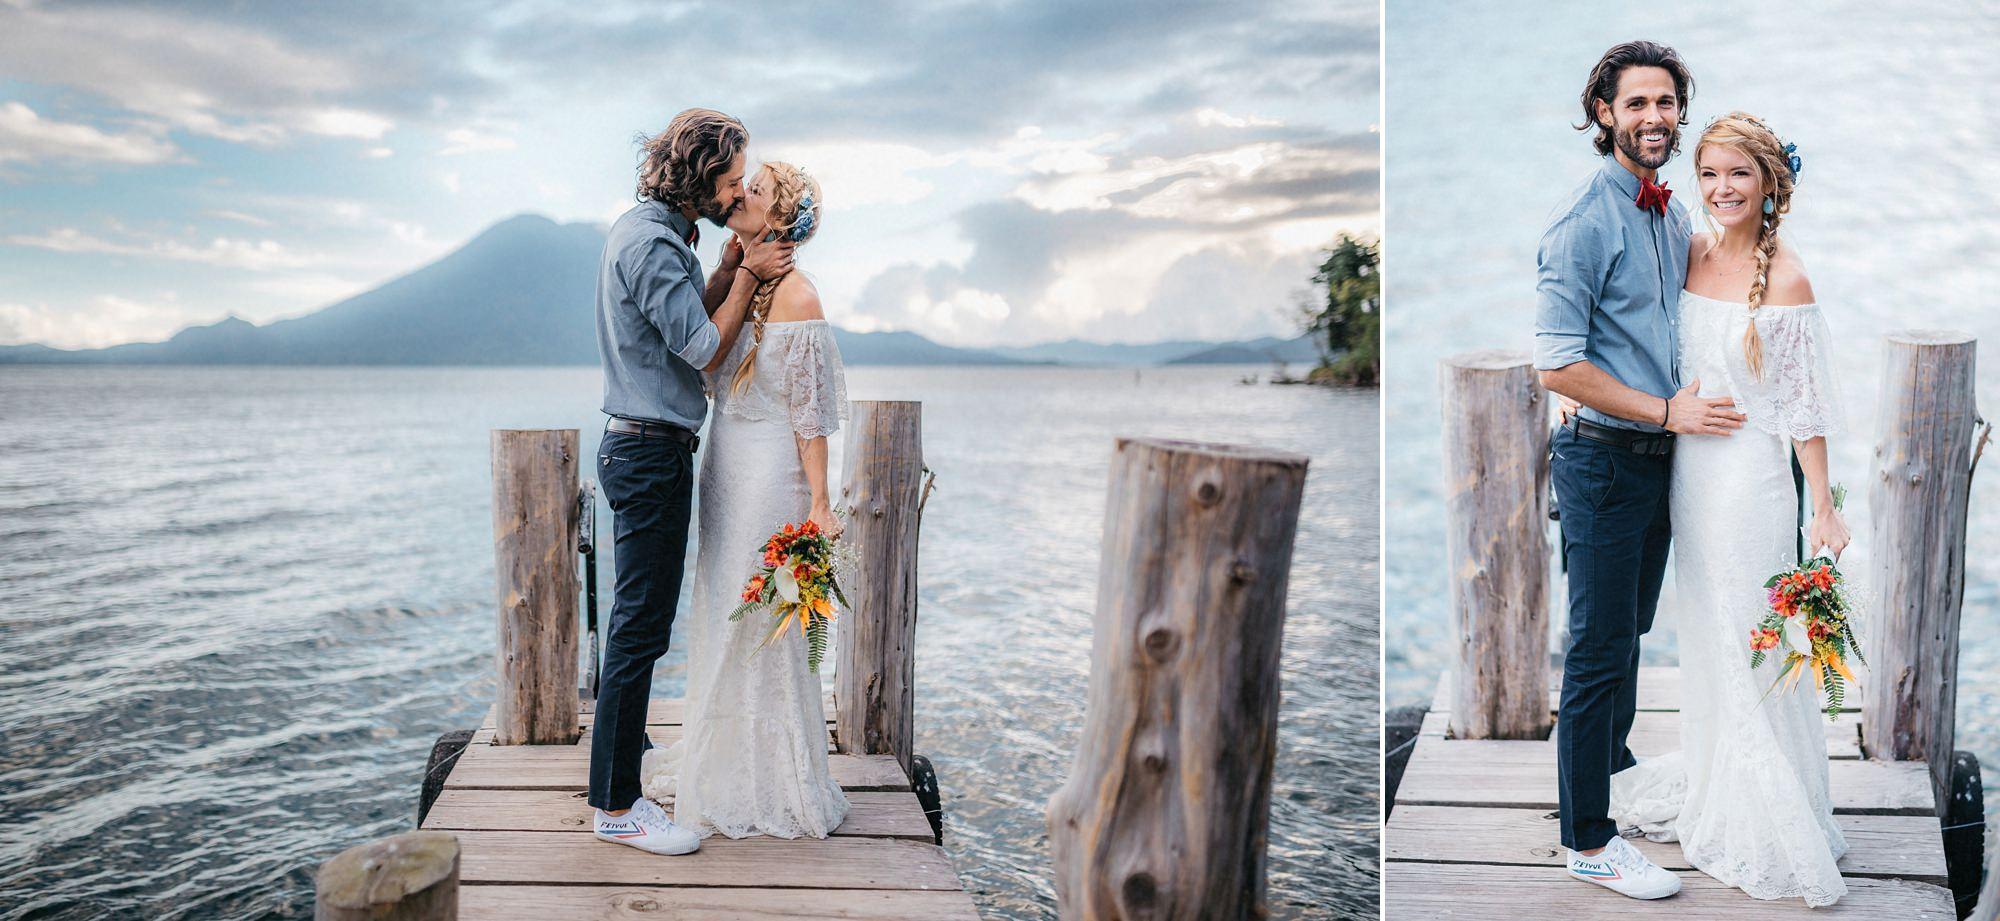 Destination Wedding Lake Atitlan